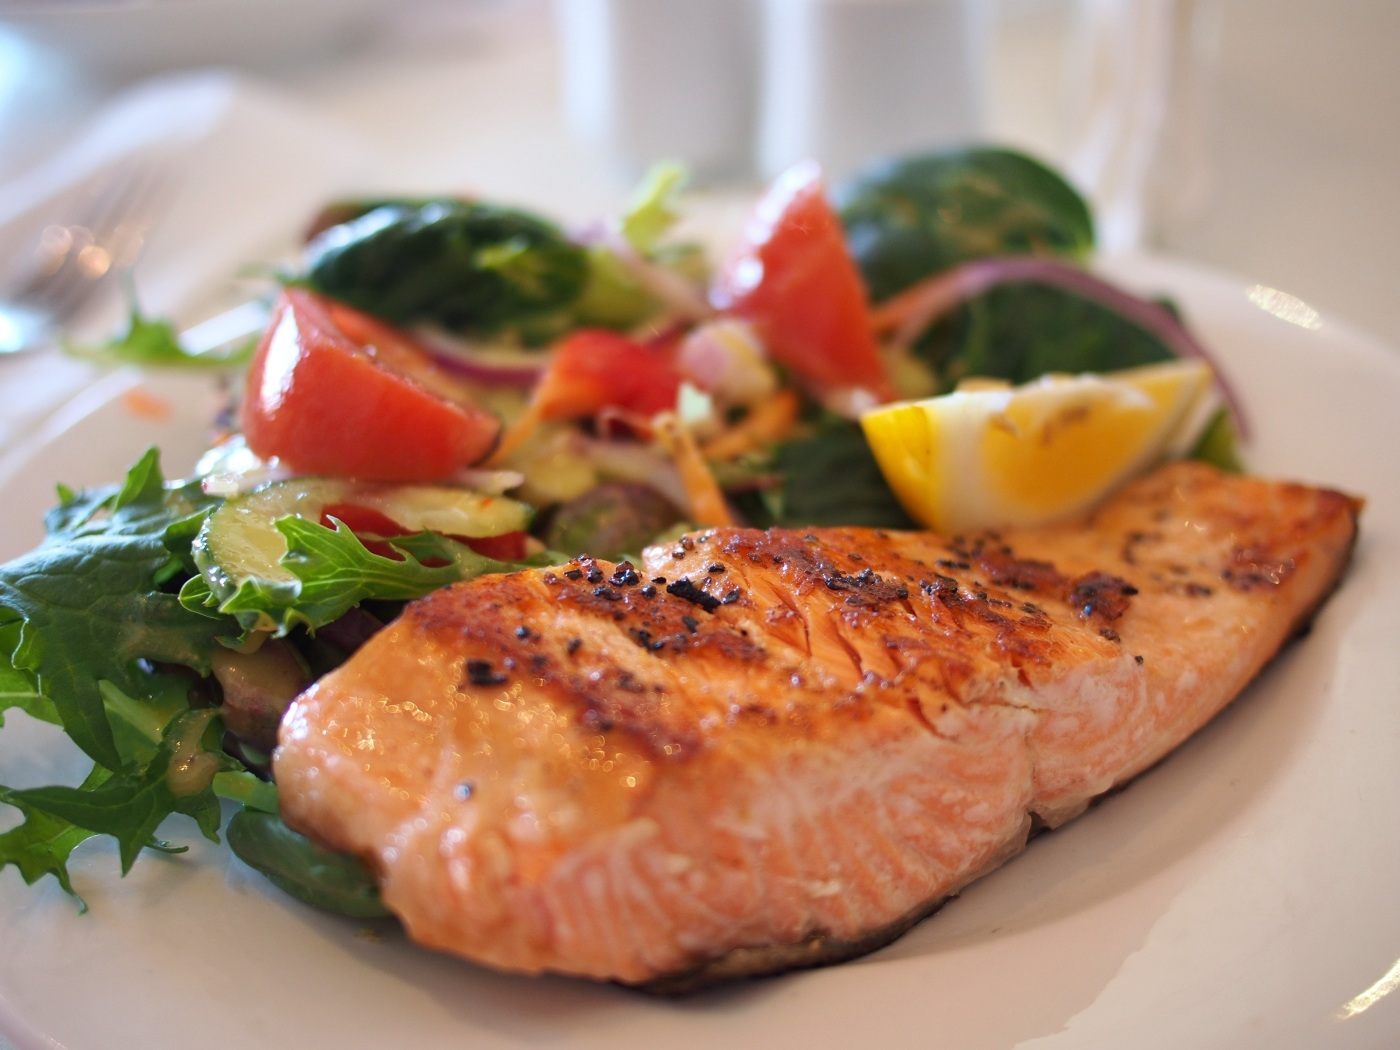 Makan yang cukup, sehat dan bergizi.jpeg